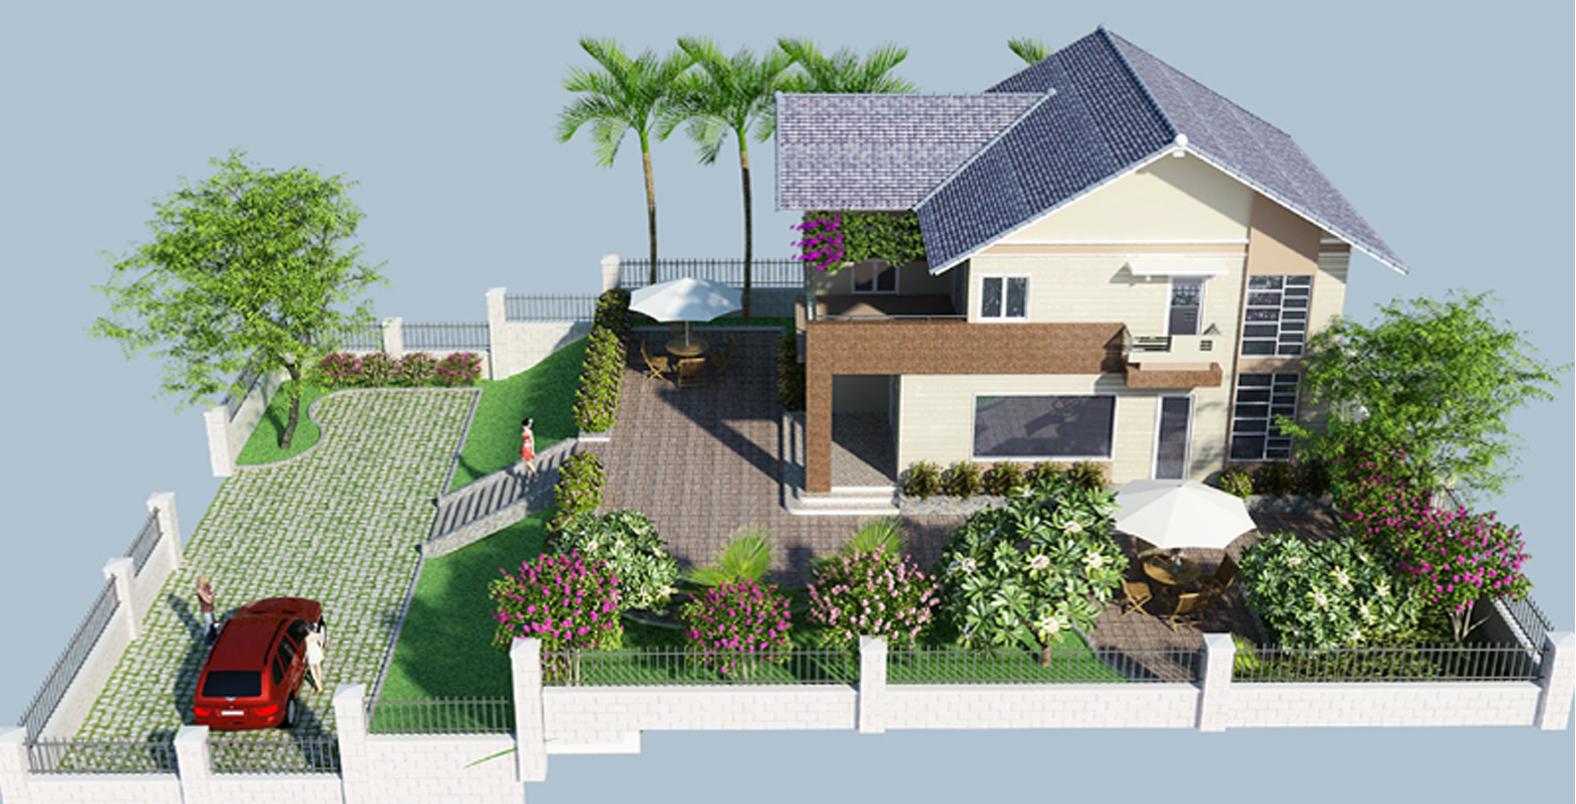 Phong thủy thiết kế kiến trúc nhà vườn cần chú ý